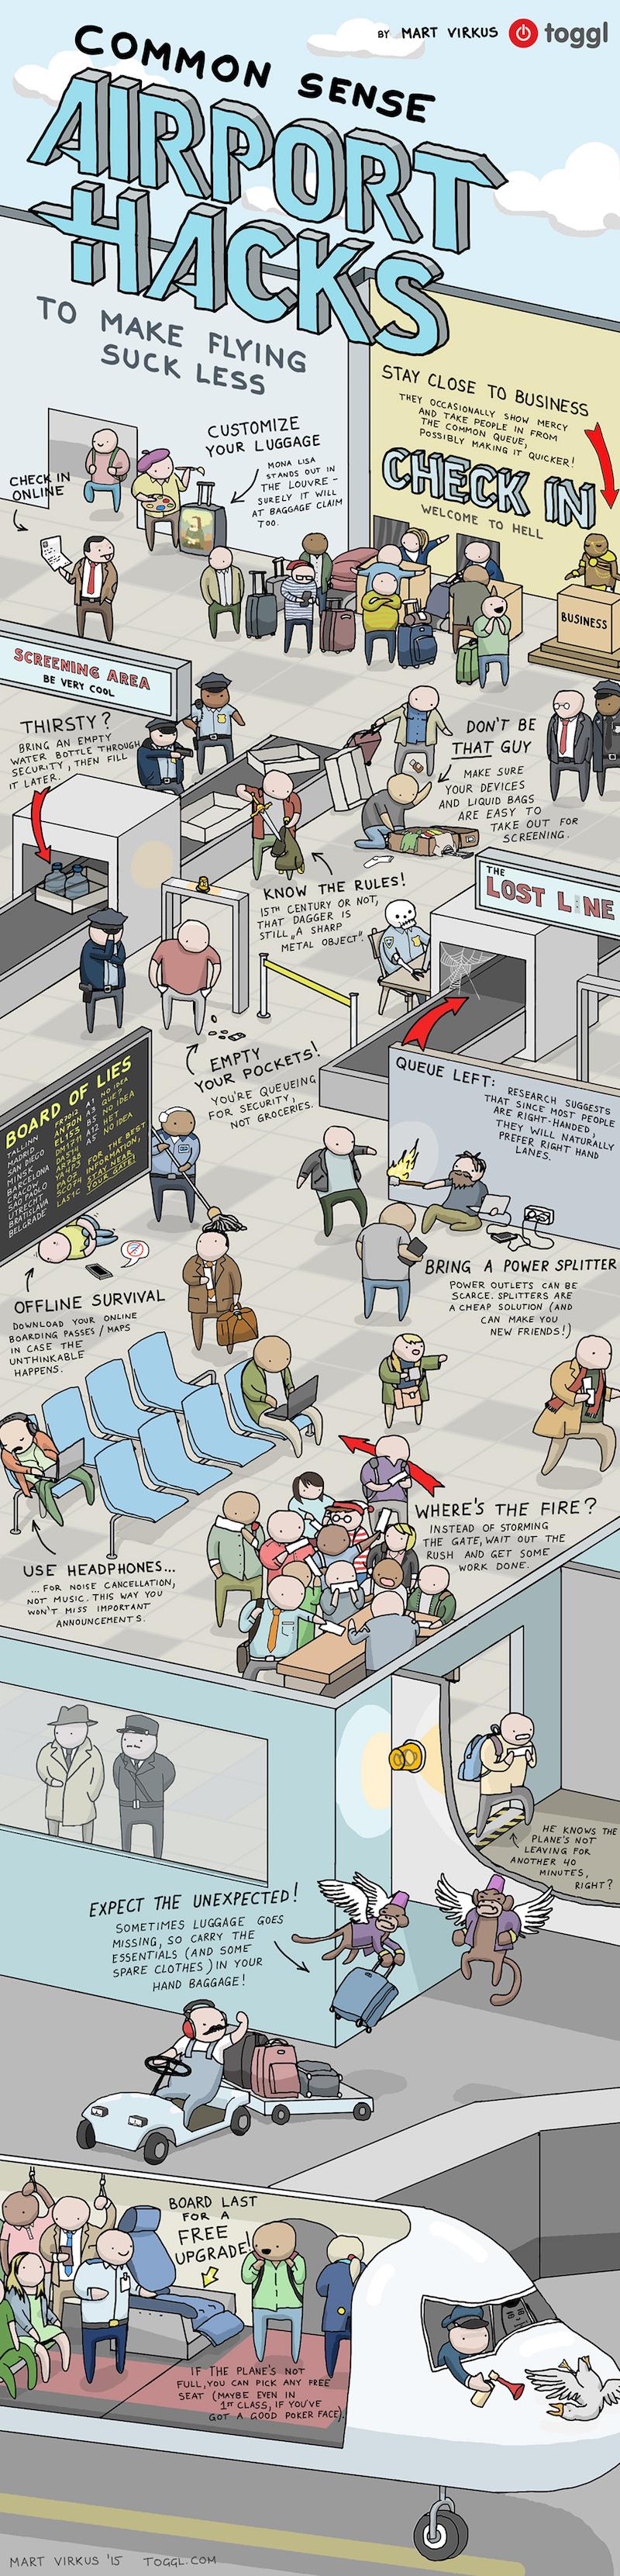 Trucos de aeropuerto para viajar mejor